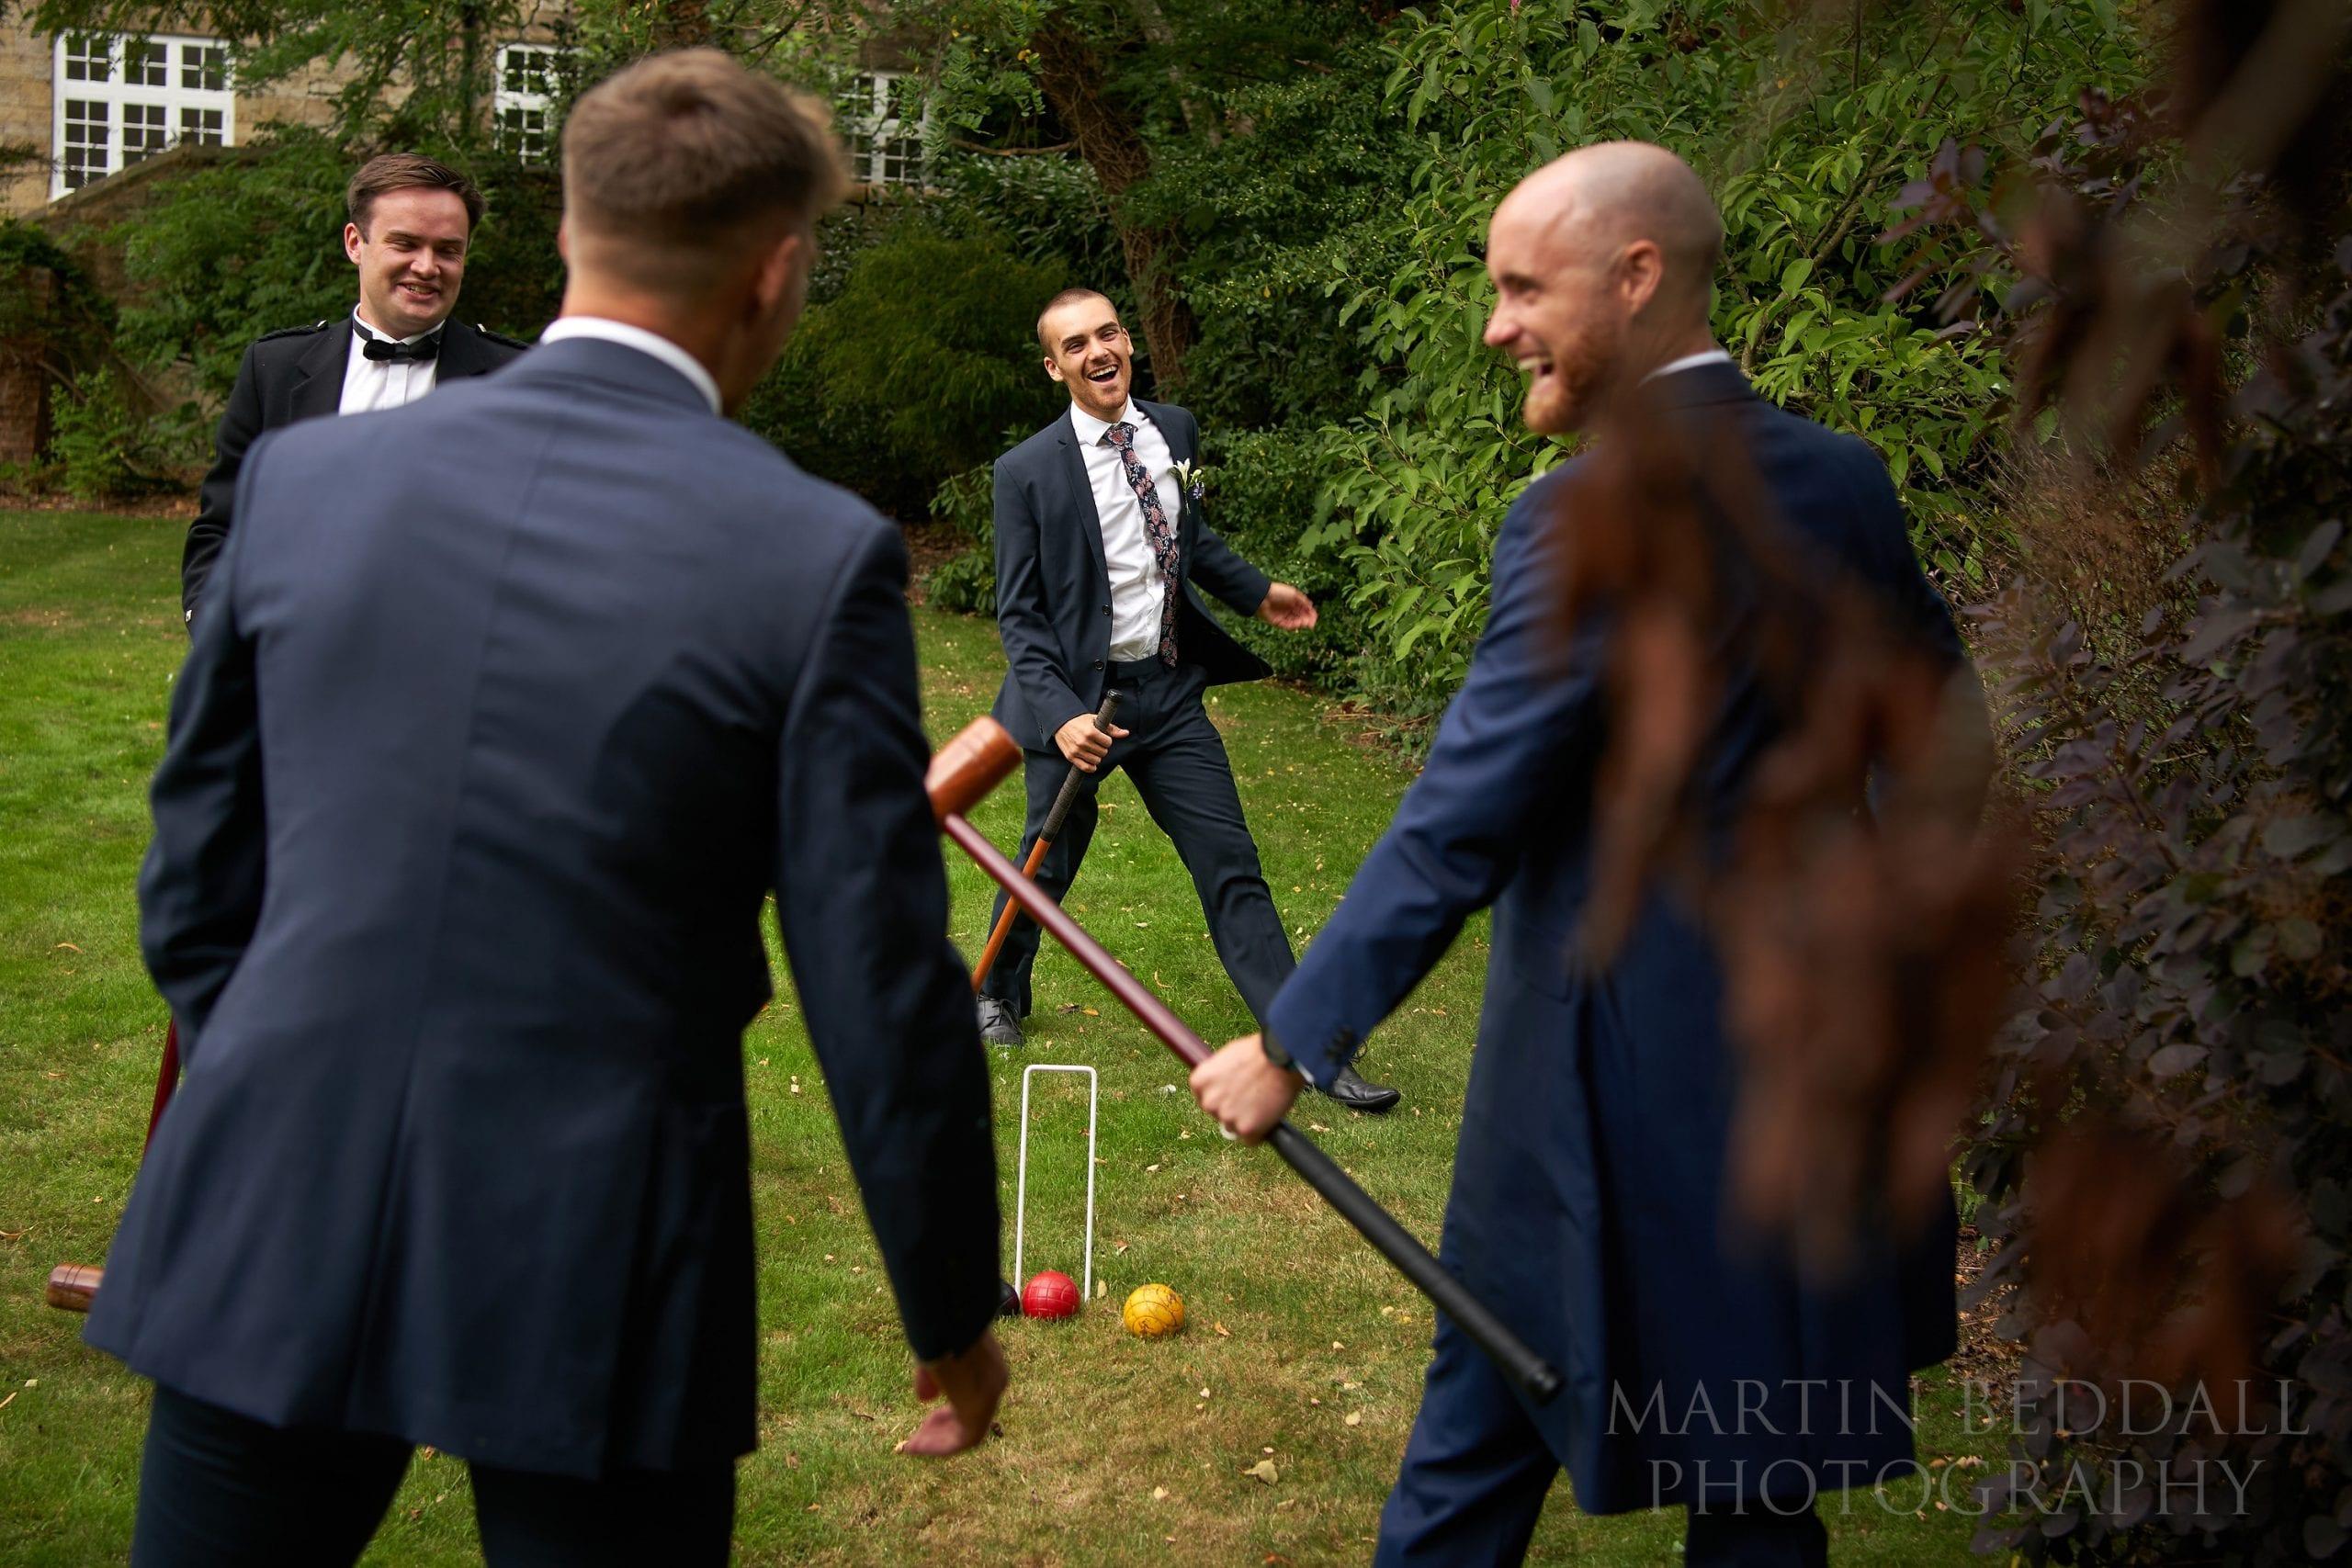 Games at Ockenden Manor